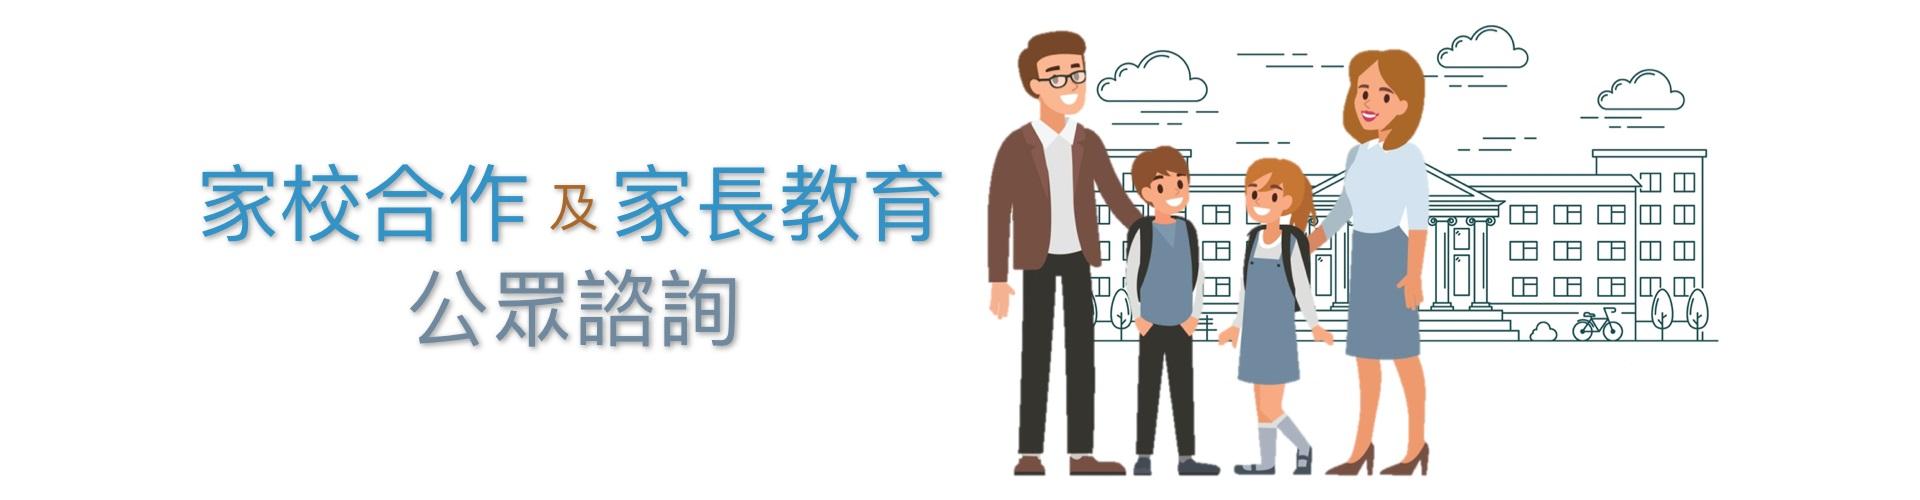 家校合作及家長教育公眾諮詢會